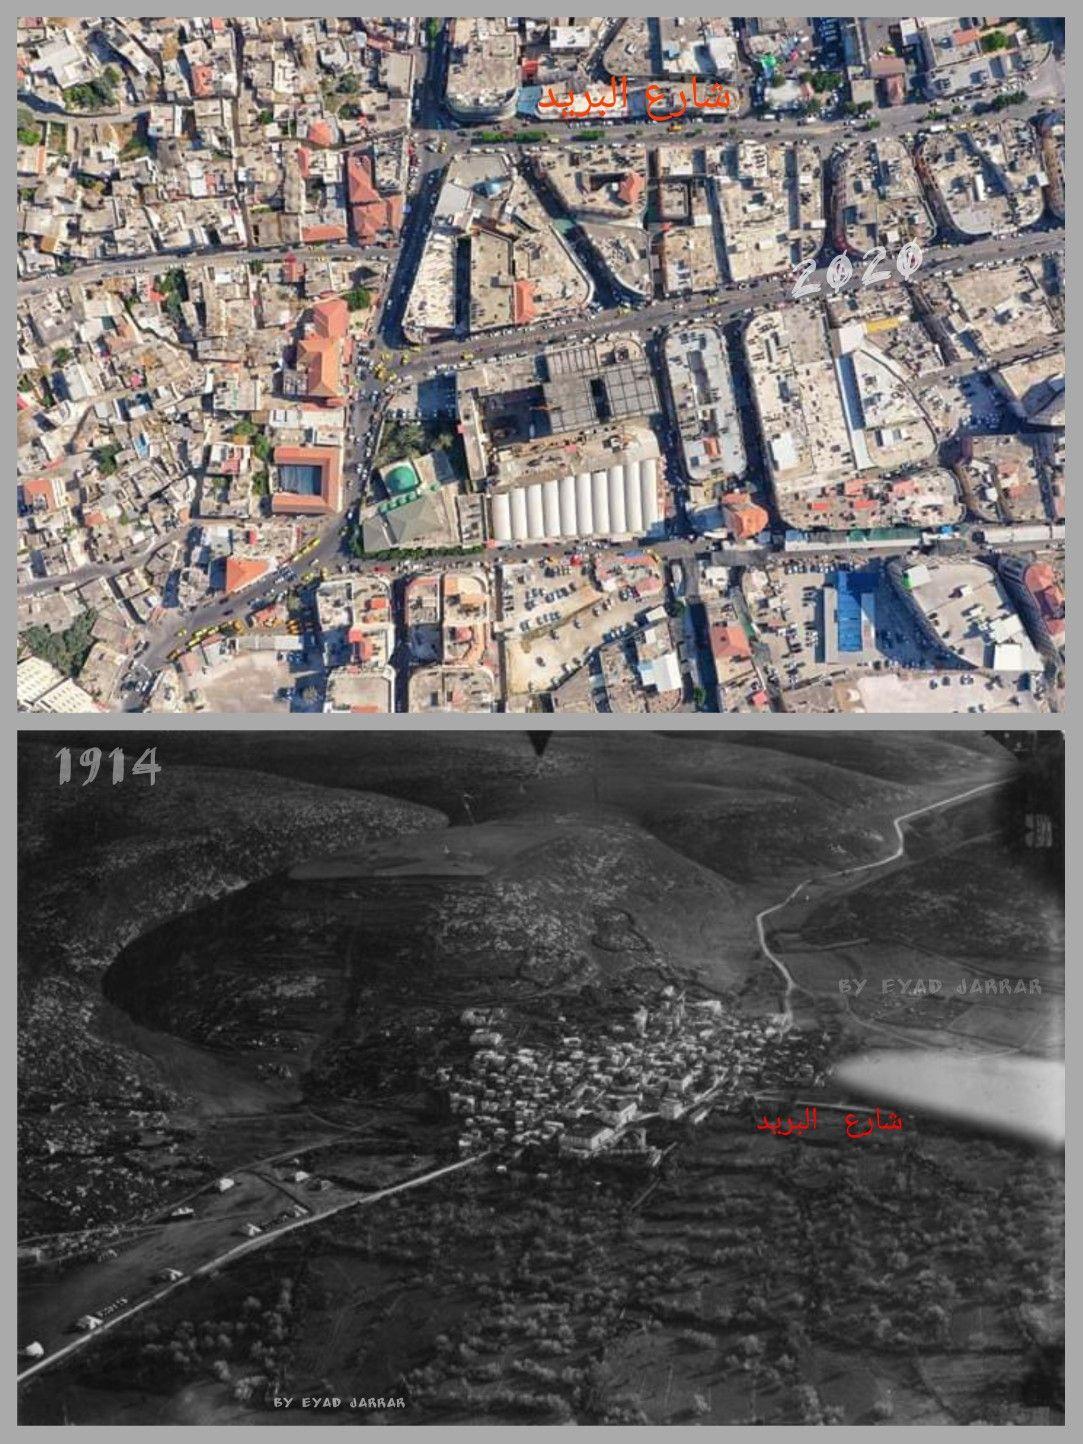 جنين بين الحاضر والماضي بفرق 106 سنوات تقريبا Jenin Old Beautiful Places City City Photo